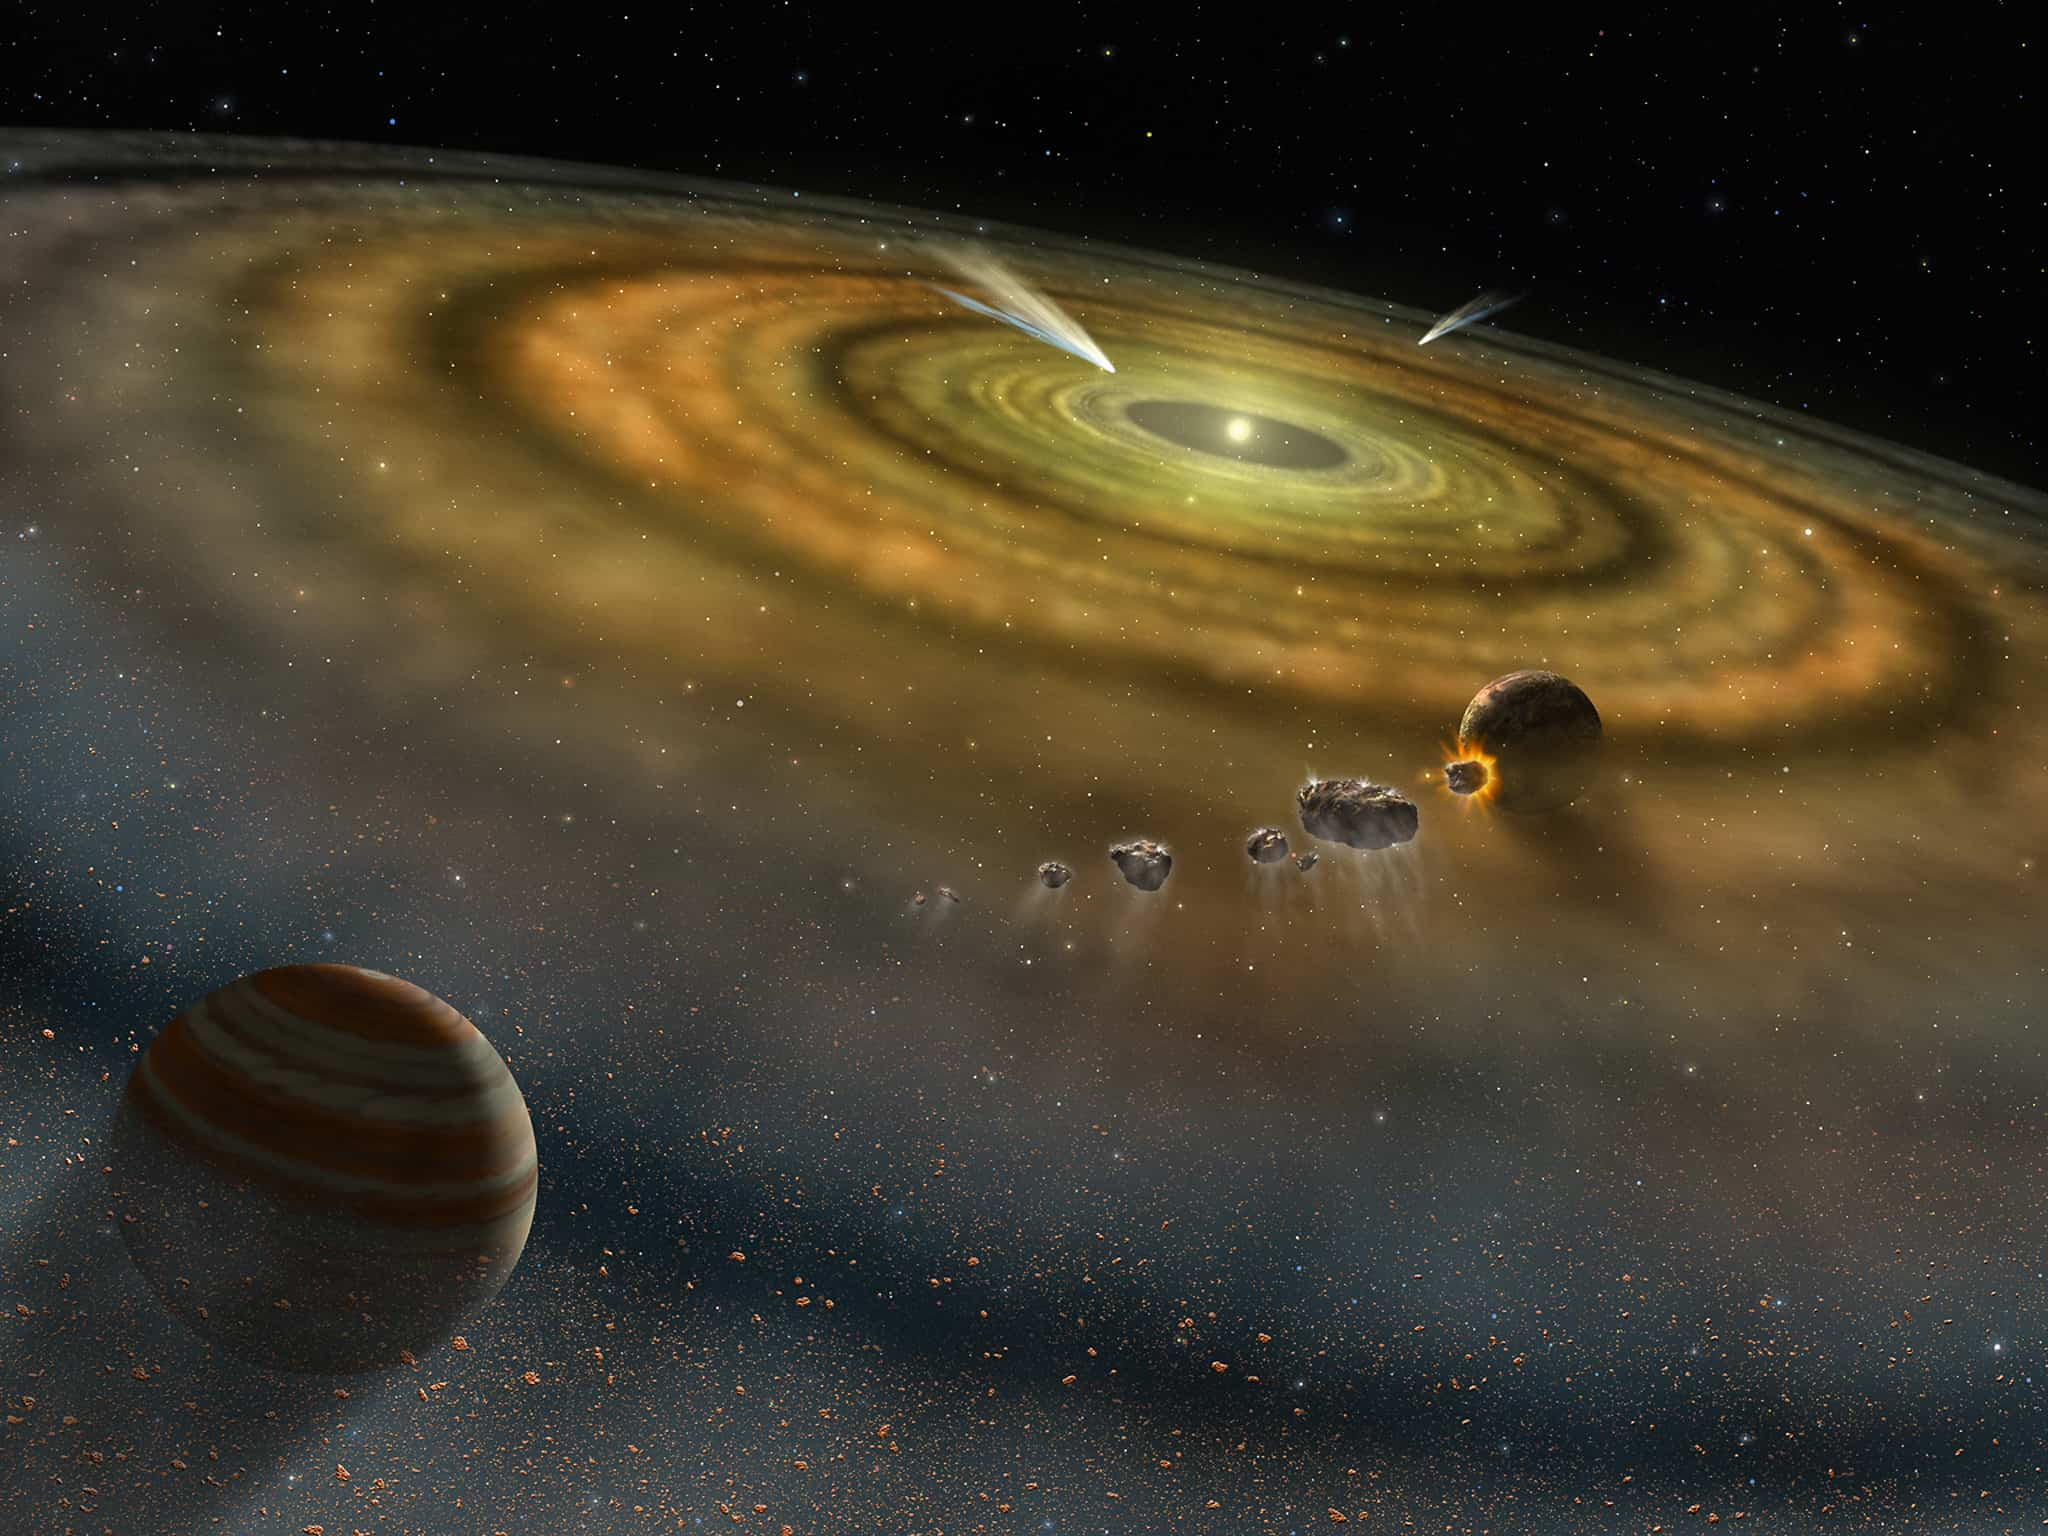 Rüyada mars gezegenini görmek ne anlama gelir